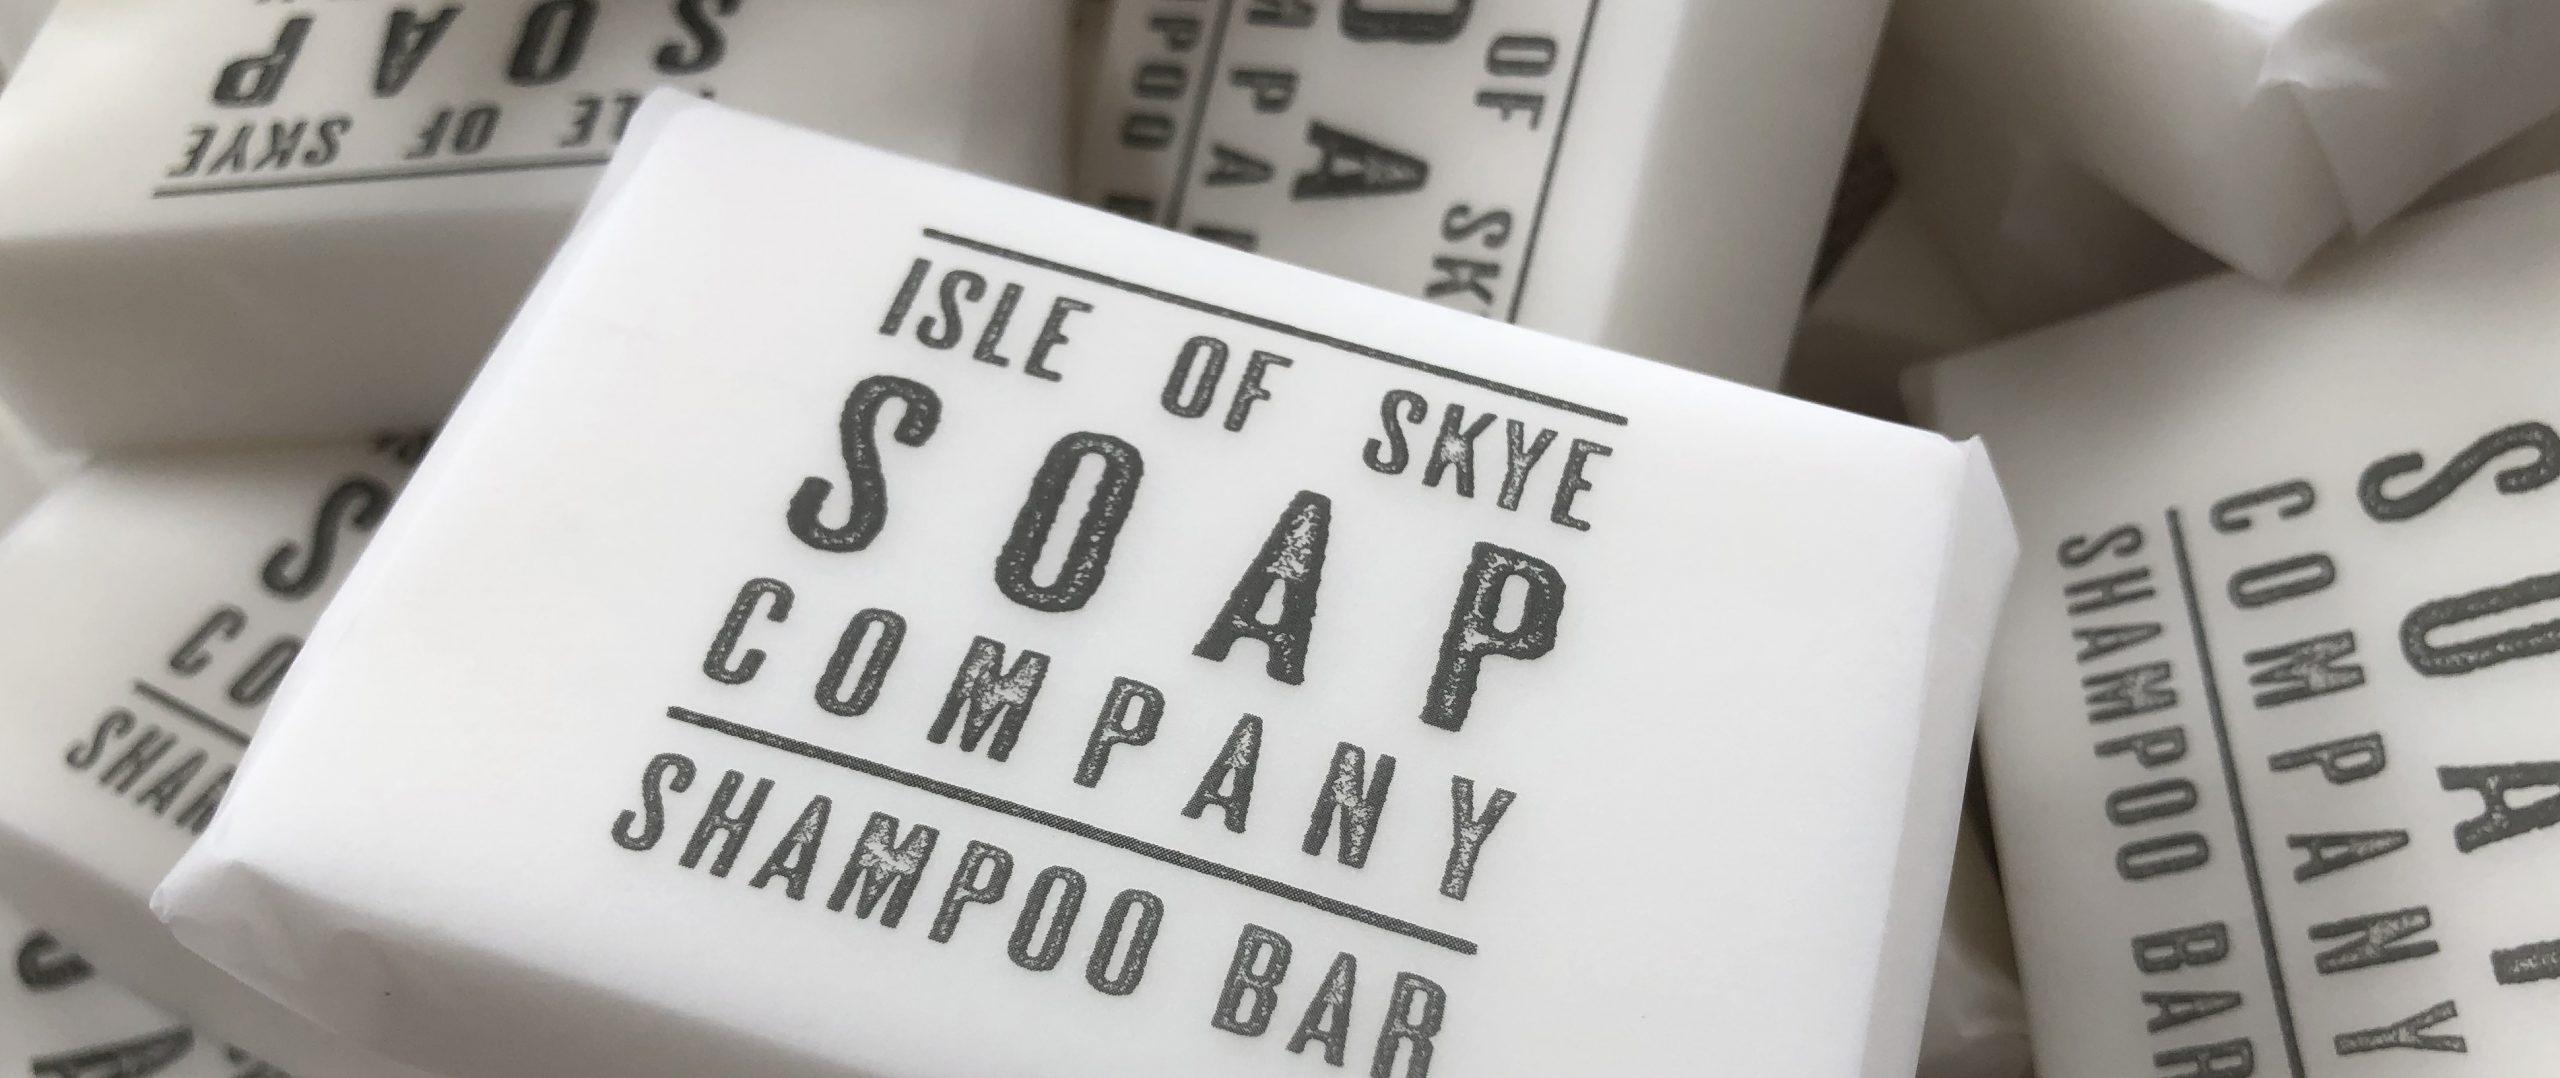 shampoo-bar-1140